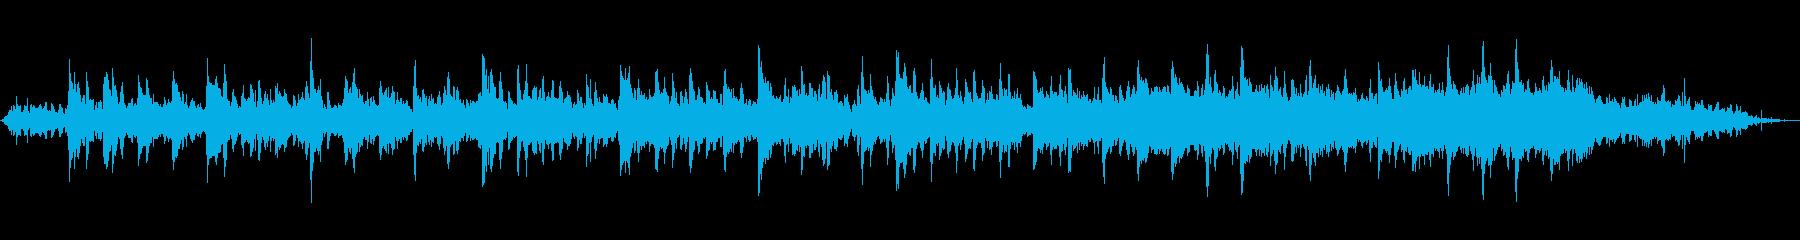 海の音が印象的なヒーリングピアノ曲 の再生済みの波形